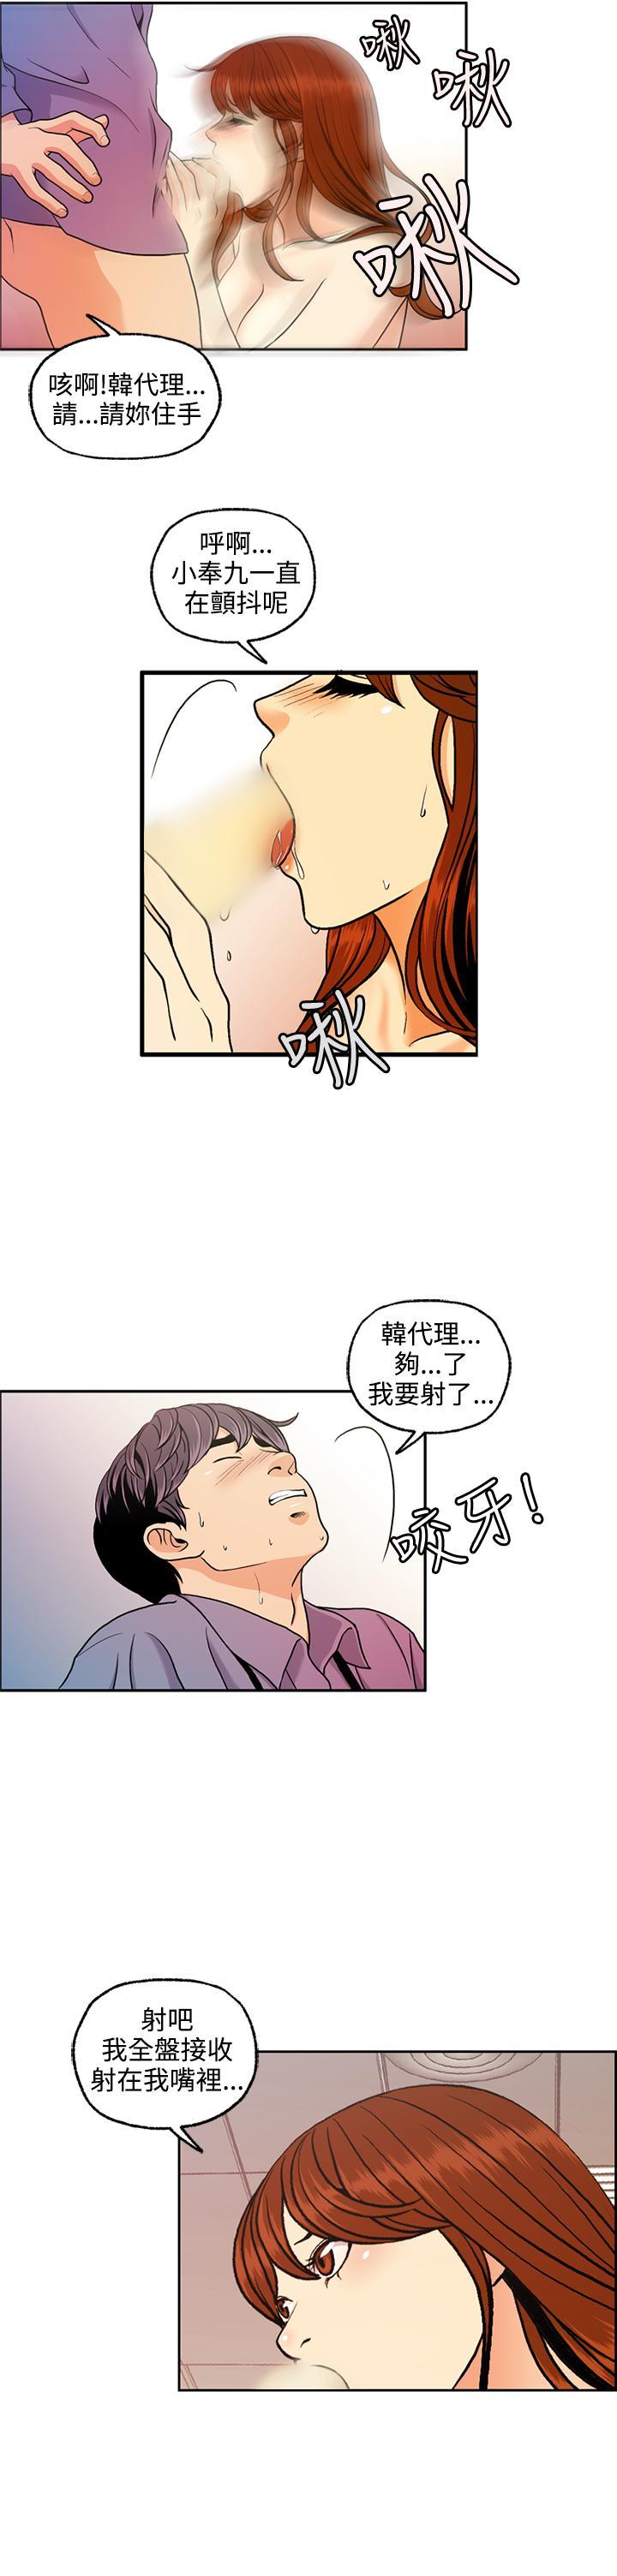 [洪班長] 淫stagram Ch.6~7 [Chinese]中文 13